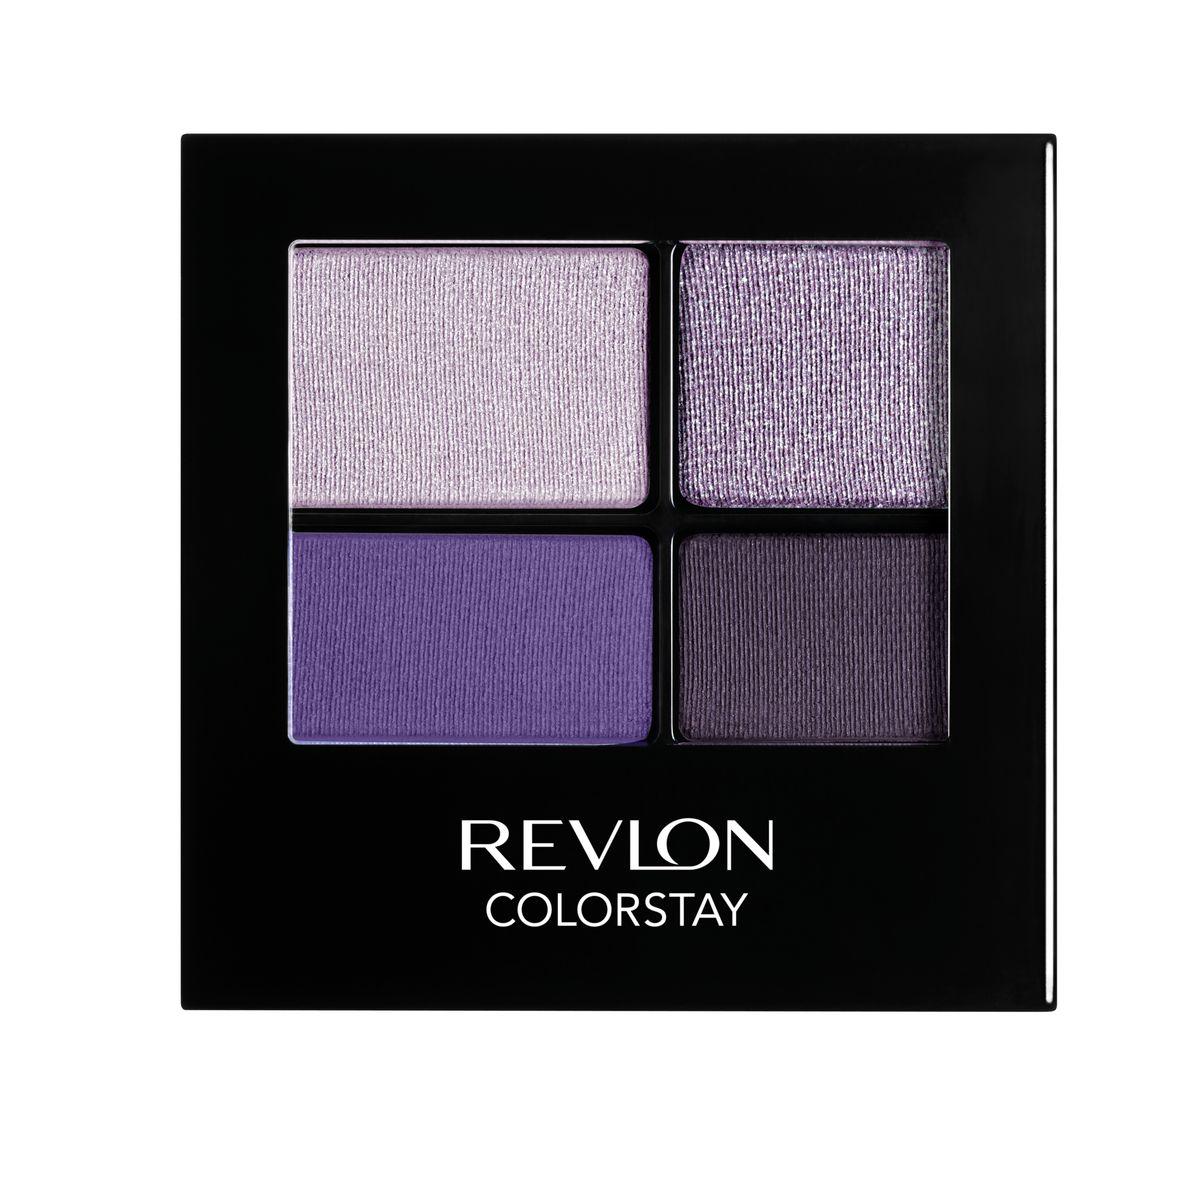 Revlon Тени для Век Четырехцветные Colorstay Eye16 Hour Eye Shadow Quad Seductive 530 42 гMFM-3101Colorstay 16 Hour Sahdow - роскошные тени для век с шелковистой текстурой и невероятно стойкой формулой. Теперь ваш макияж сохранит свой безупречный вид не менее 16 часов! Все оттенки гармонично сочетаются друг с другом и легко смешиваются, позволяя создать бесконечное количество вариантов макияжа глаз: от нежных, естественных, едва заметных, до ярких, выразительных, драматических. На оборотной стороне продукта приведена схема нанесения.Аккуратно нанести на веки специальной кисточкой.